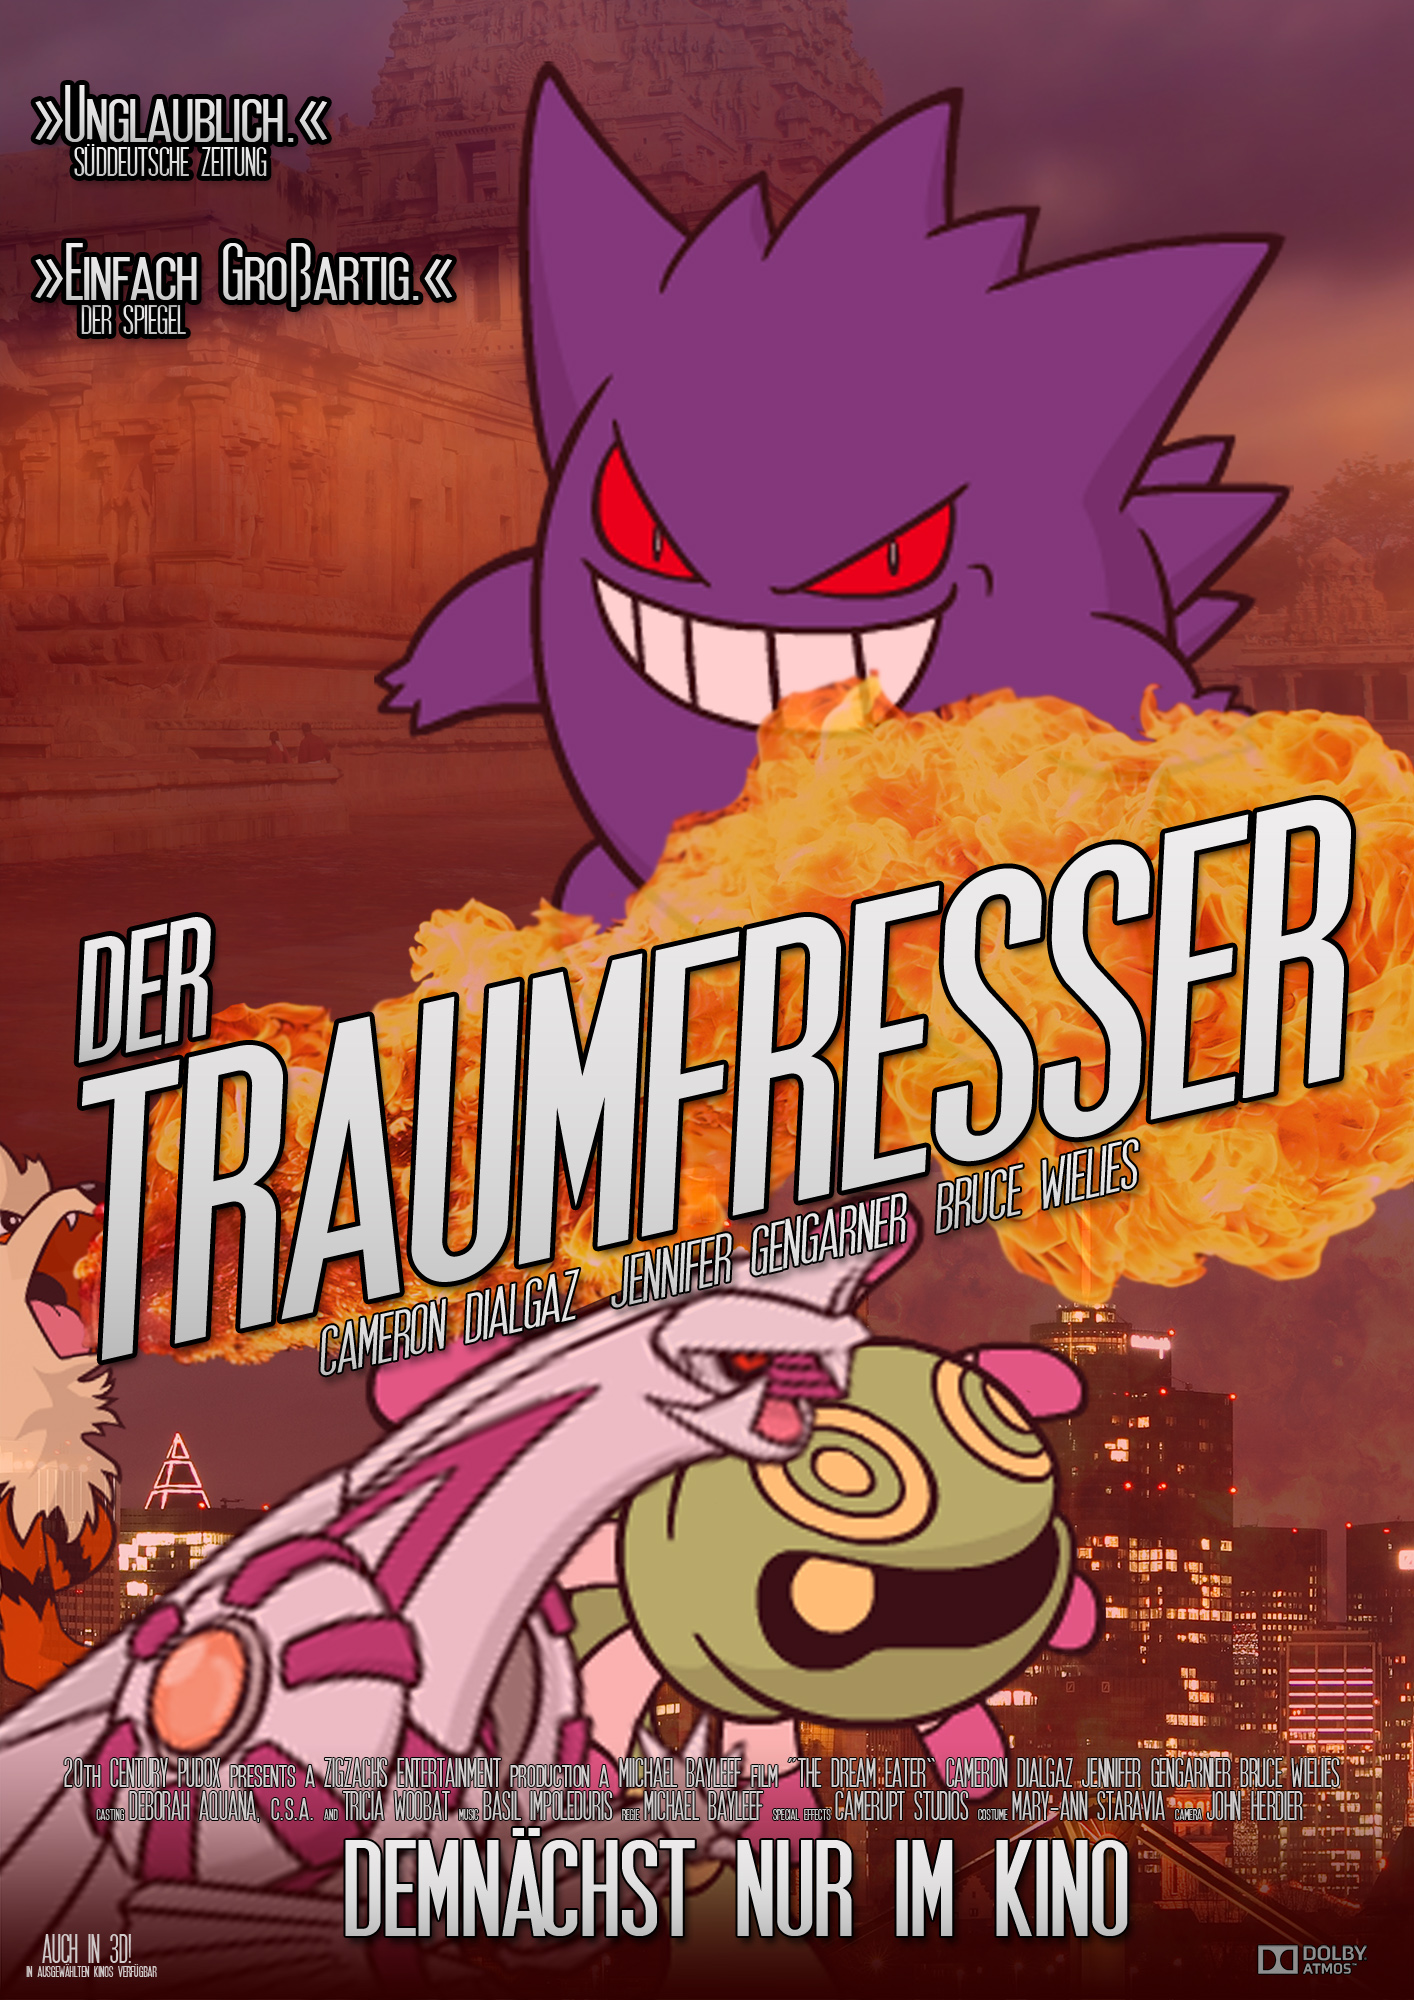 Pokémon-Zeichnung: Der Traumfresser